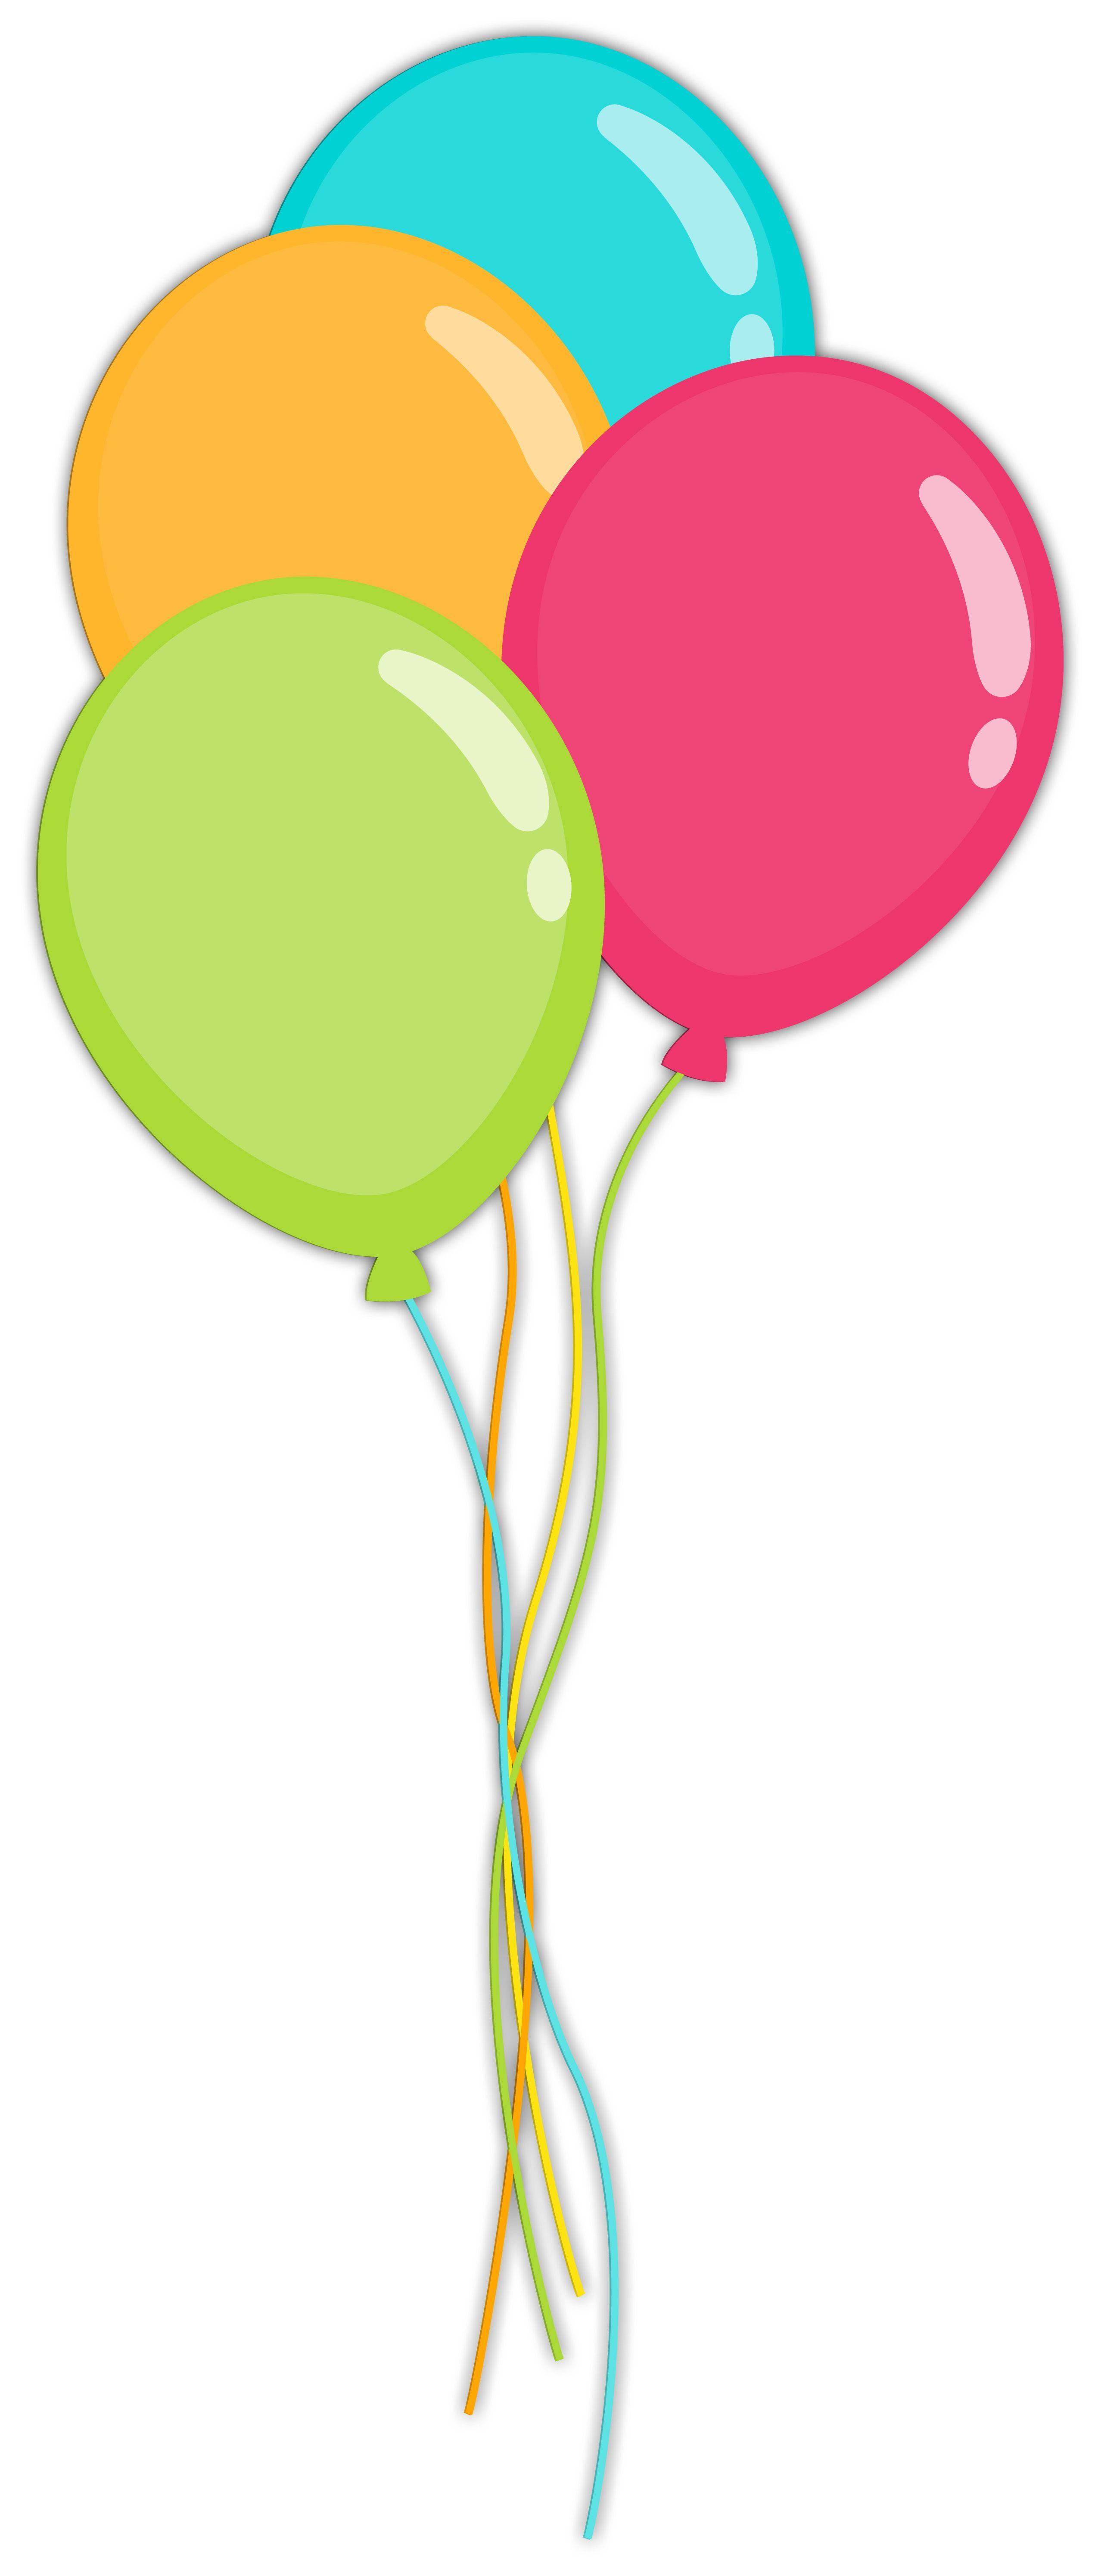 hight resolution of balloons clip art